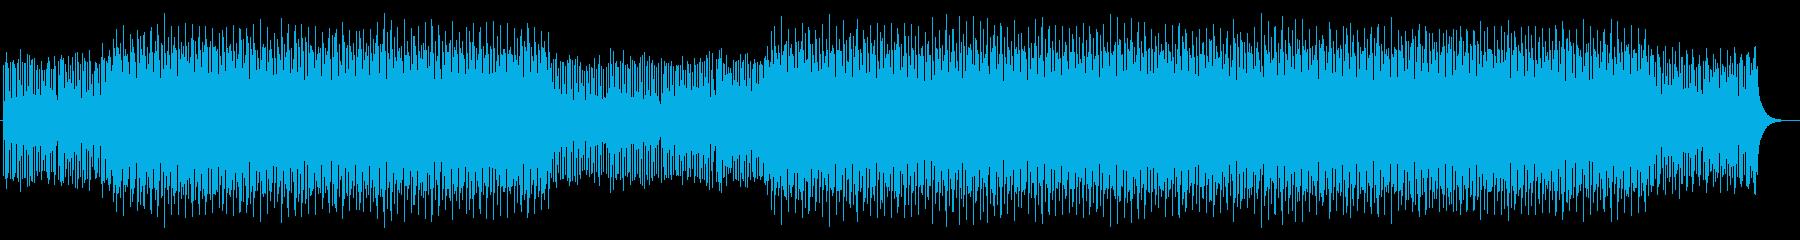 コーポレートミュージック3の再生済みの波形